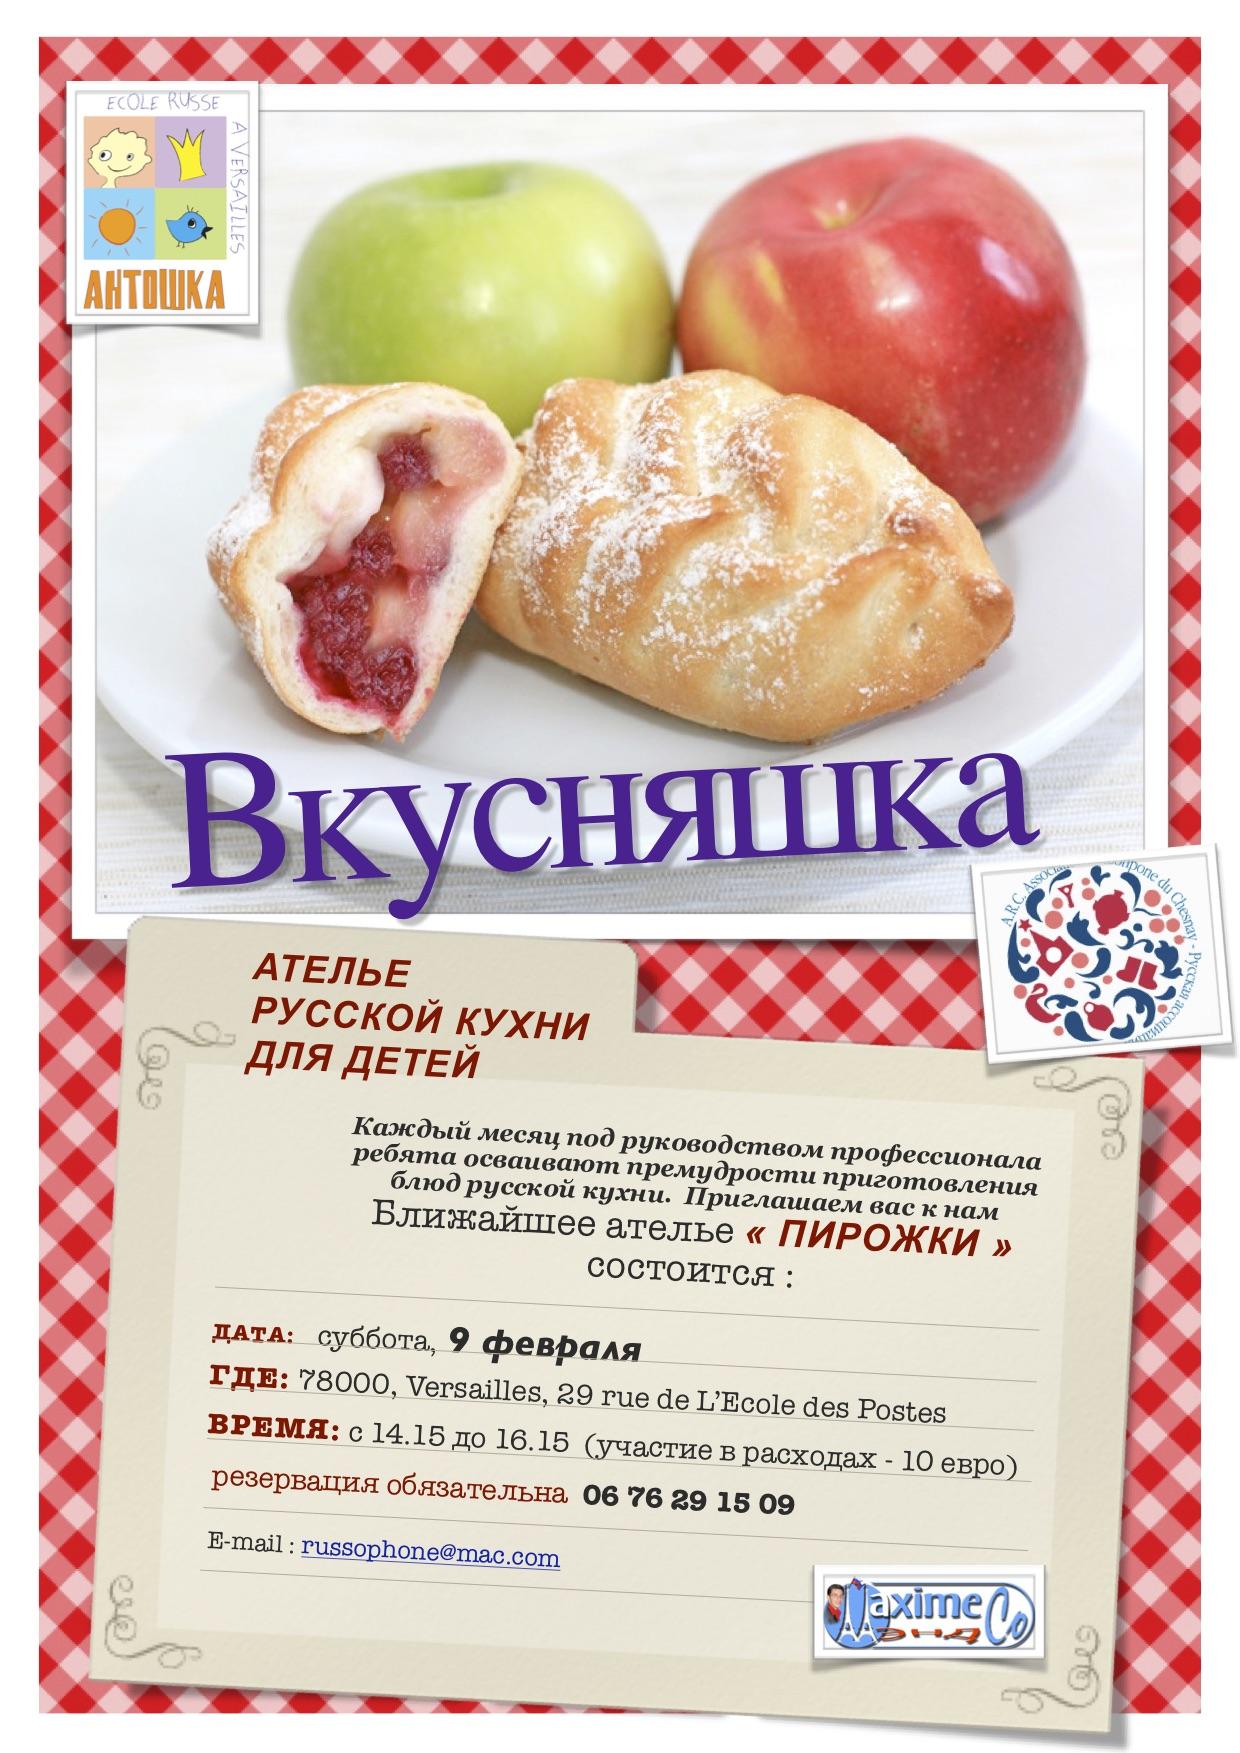 Ателье  русской кухни для детей « ПИРОЖКИ » 9 февраля